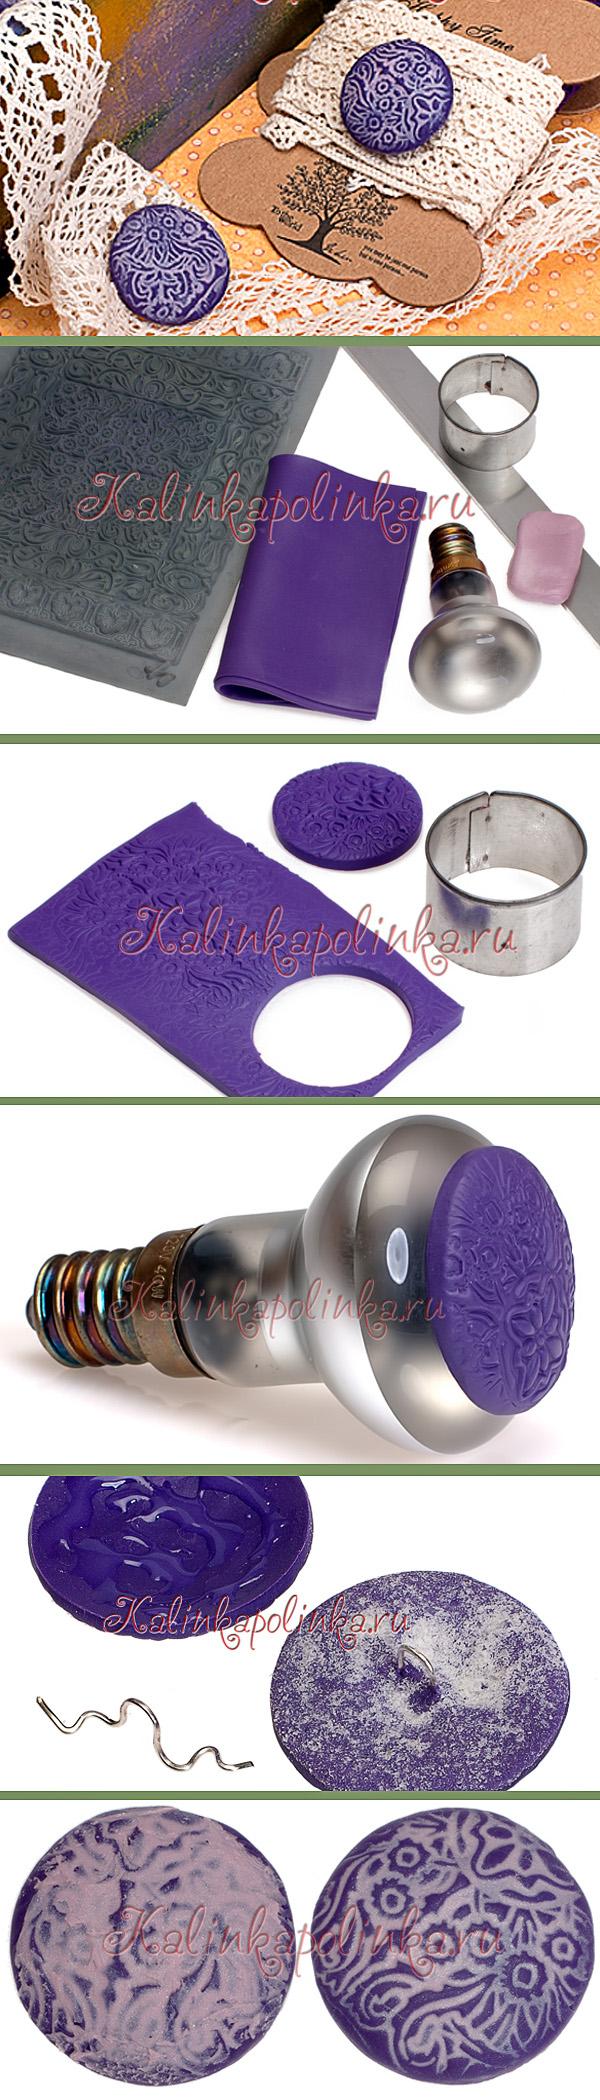 пуговицы на ножке из полимерной глины